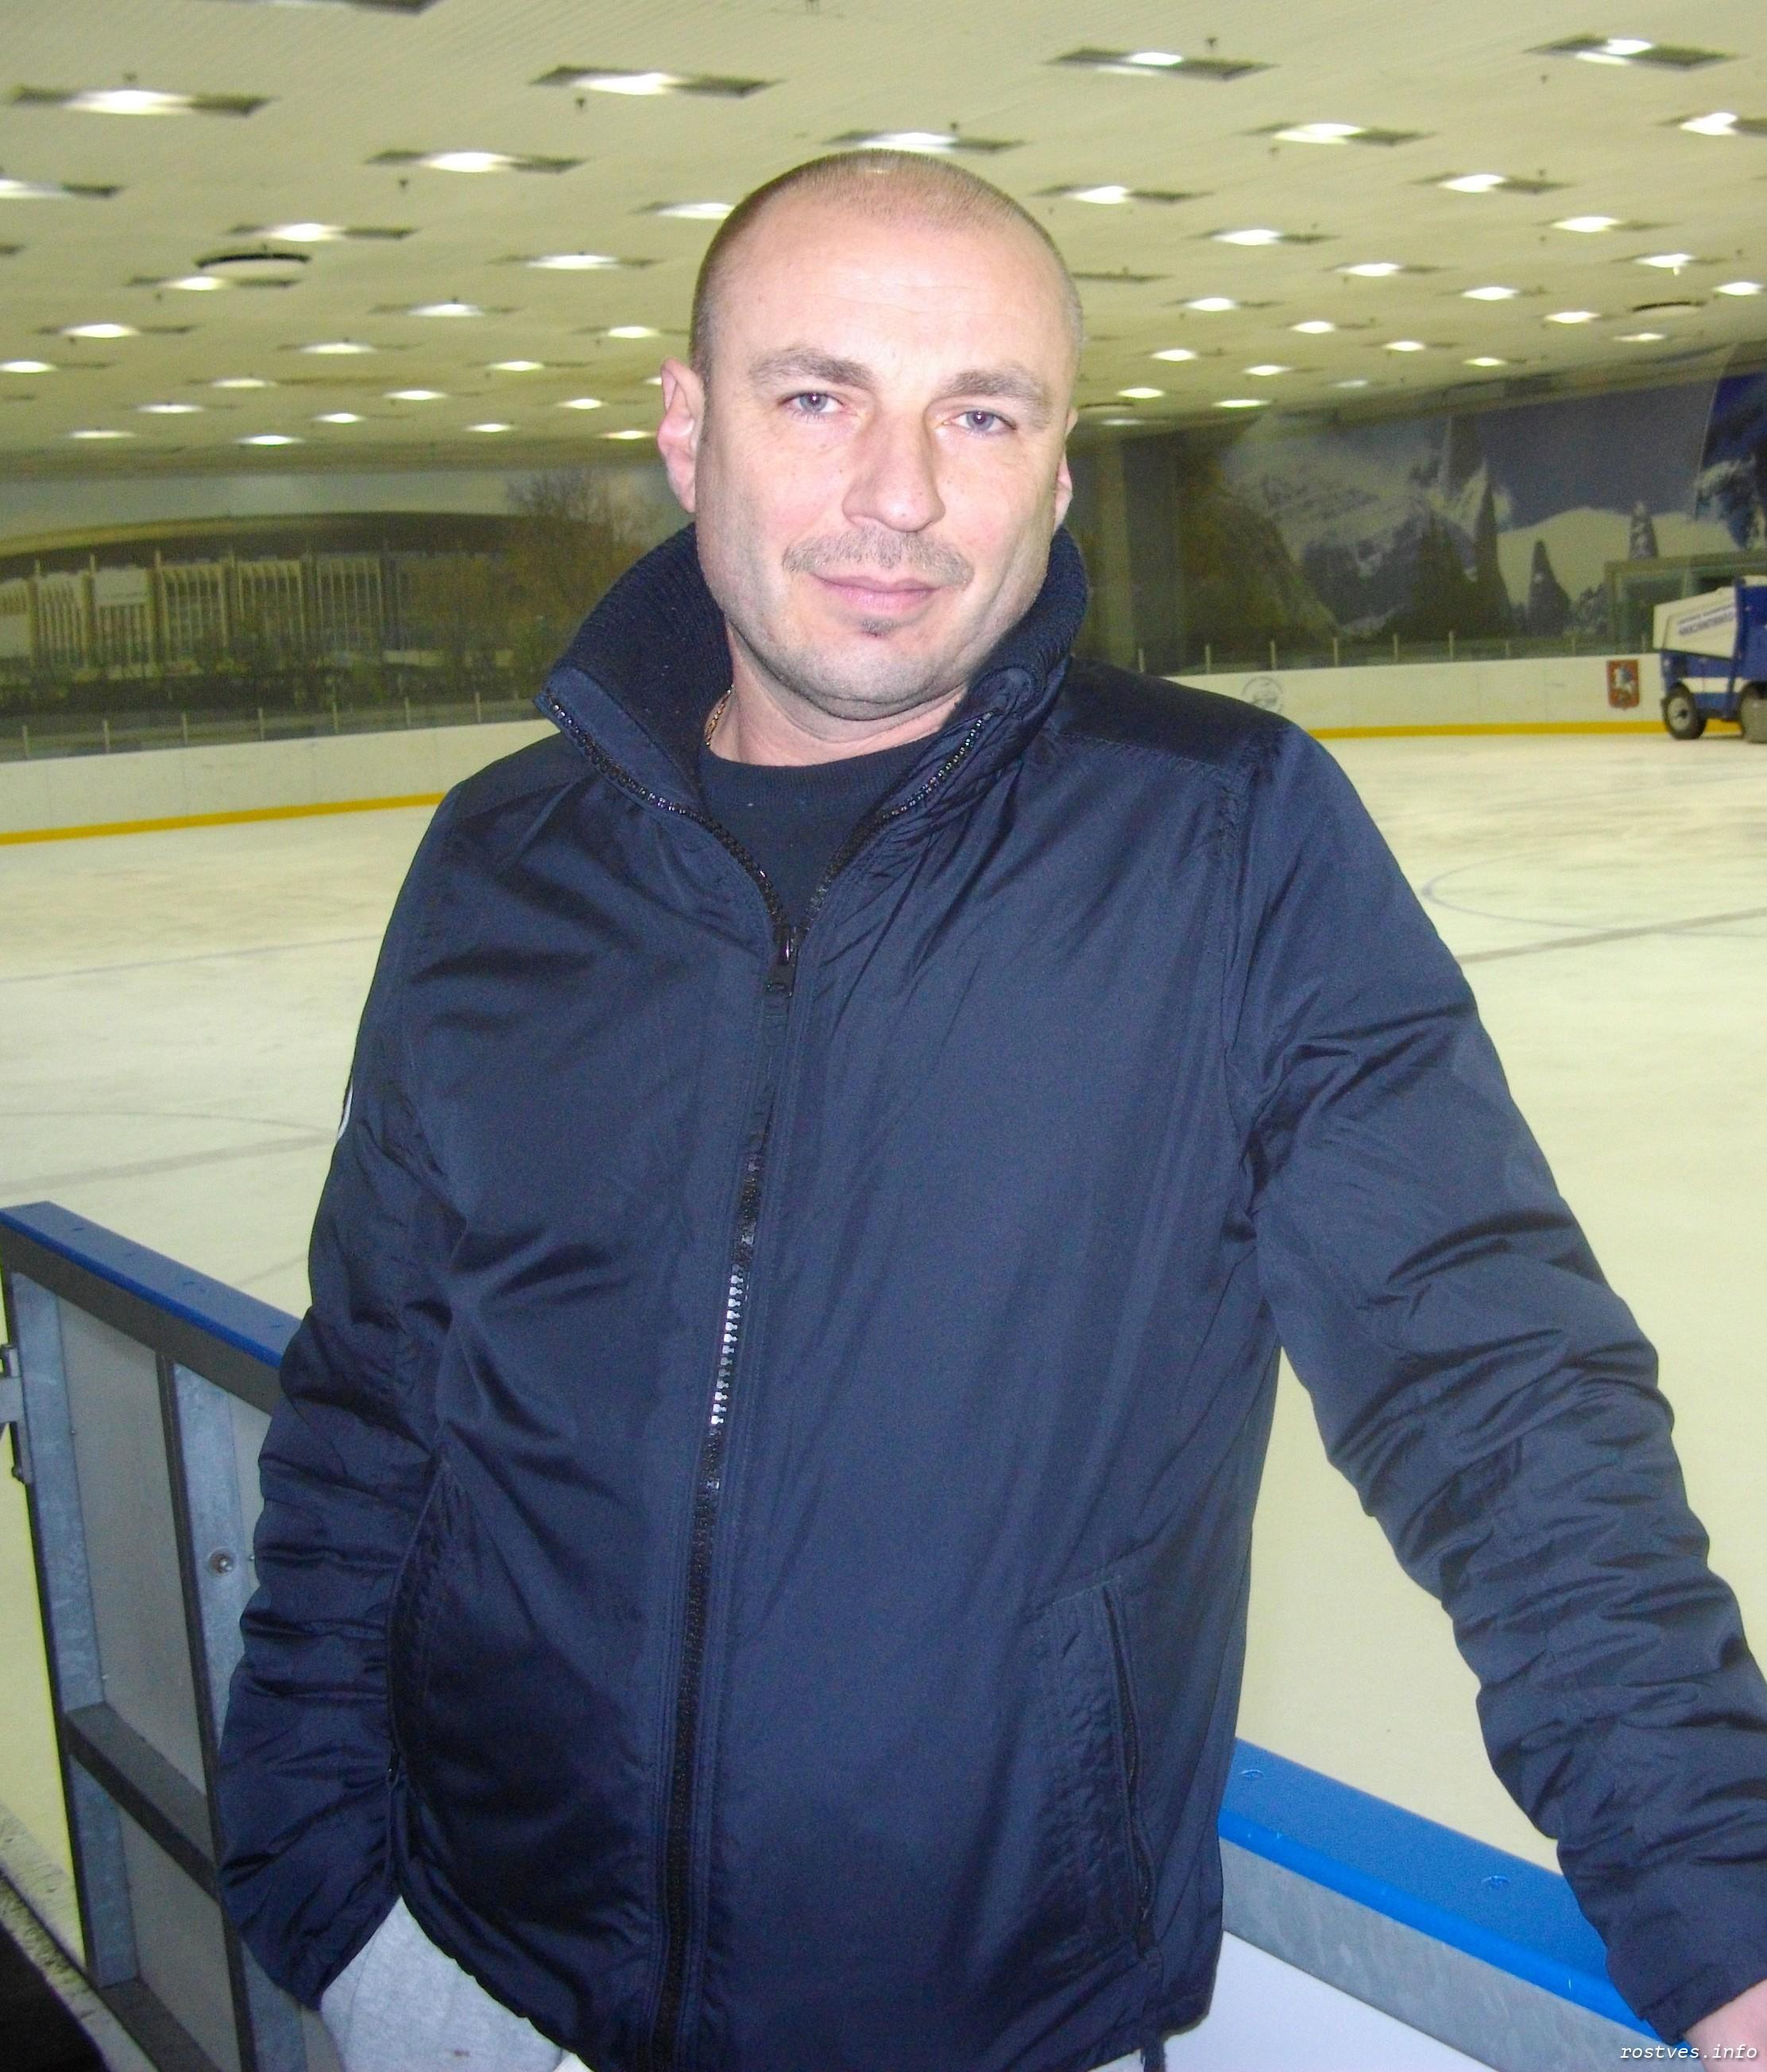 http://rostves.info/uploads/posts/2013-11/1385252426_alexandr_zhulin.jpg